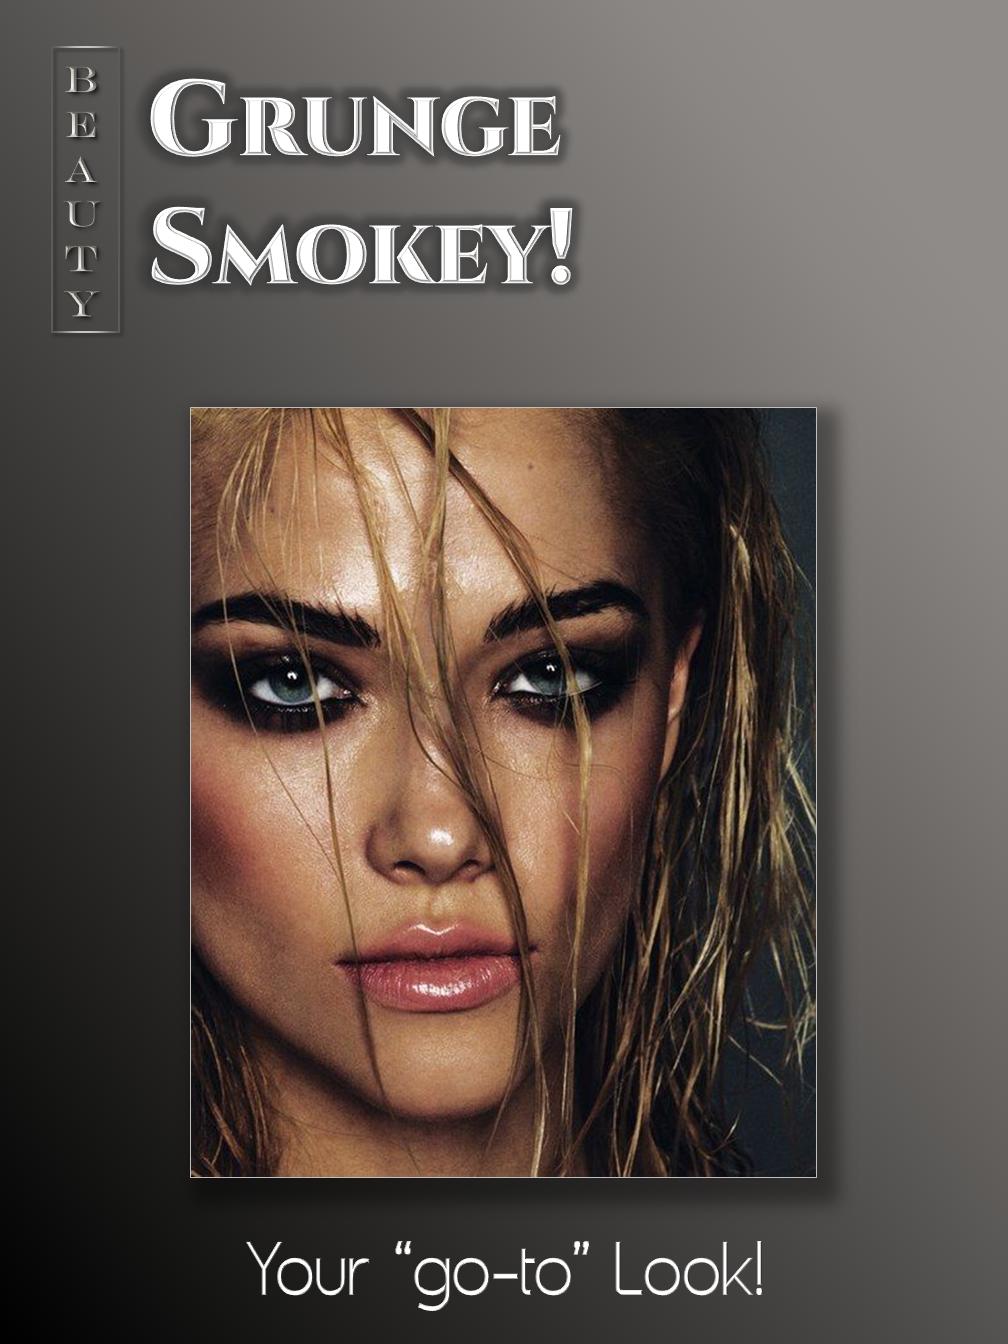 Grunge Smokey